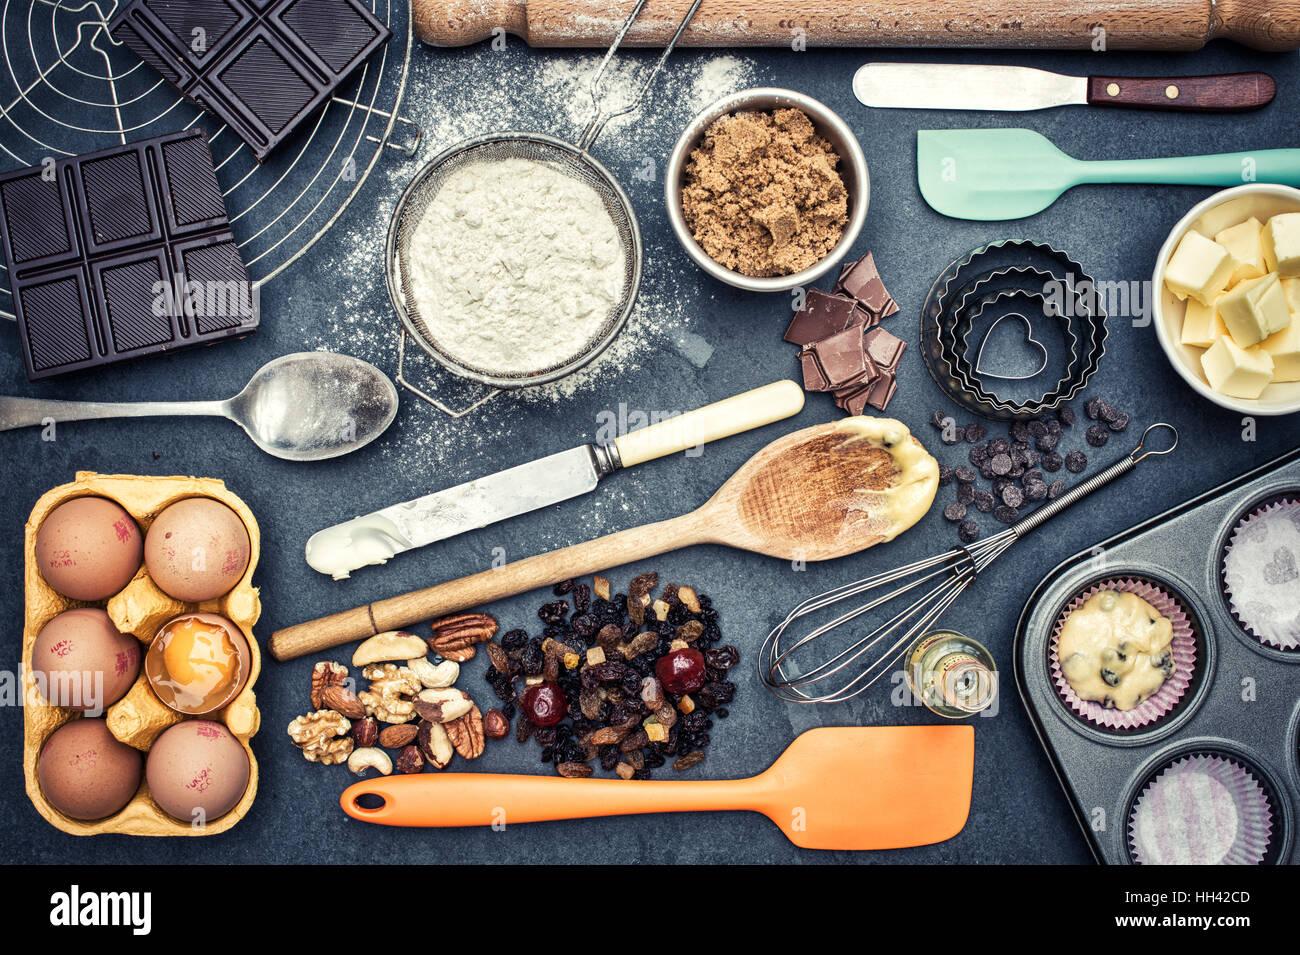 Ingrédients et ustensiles de cuisine à partir de ci dessus